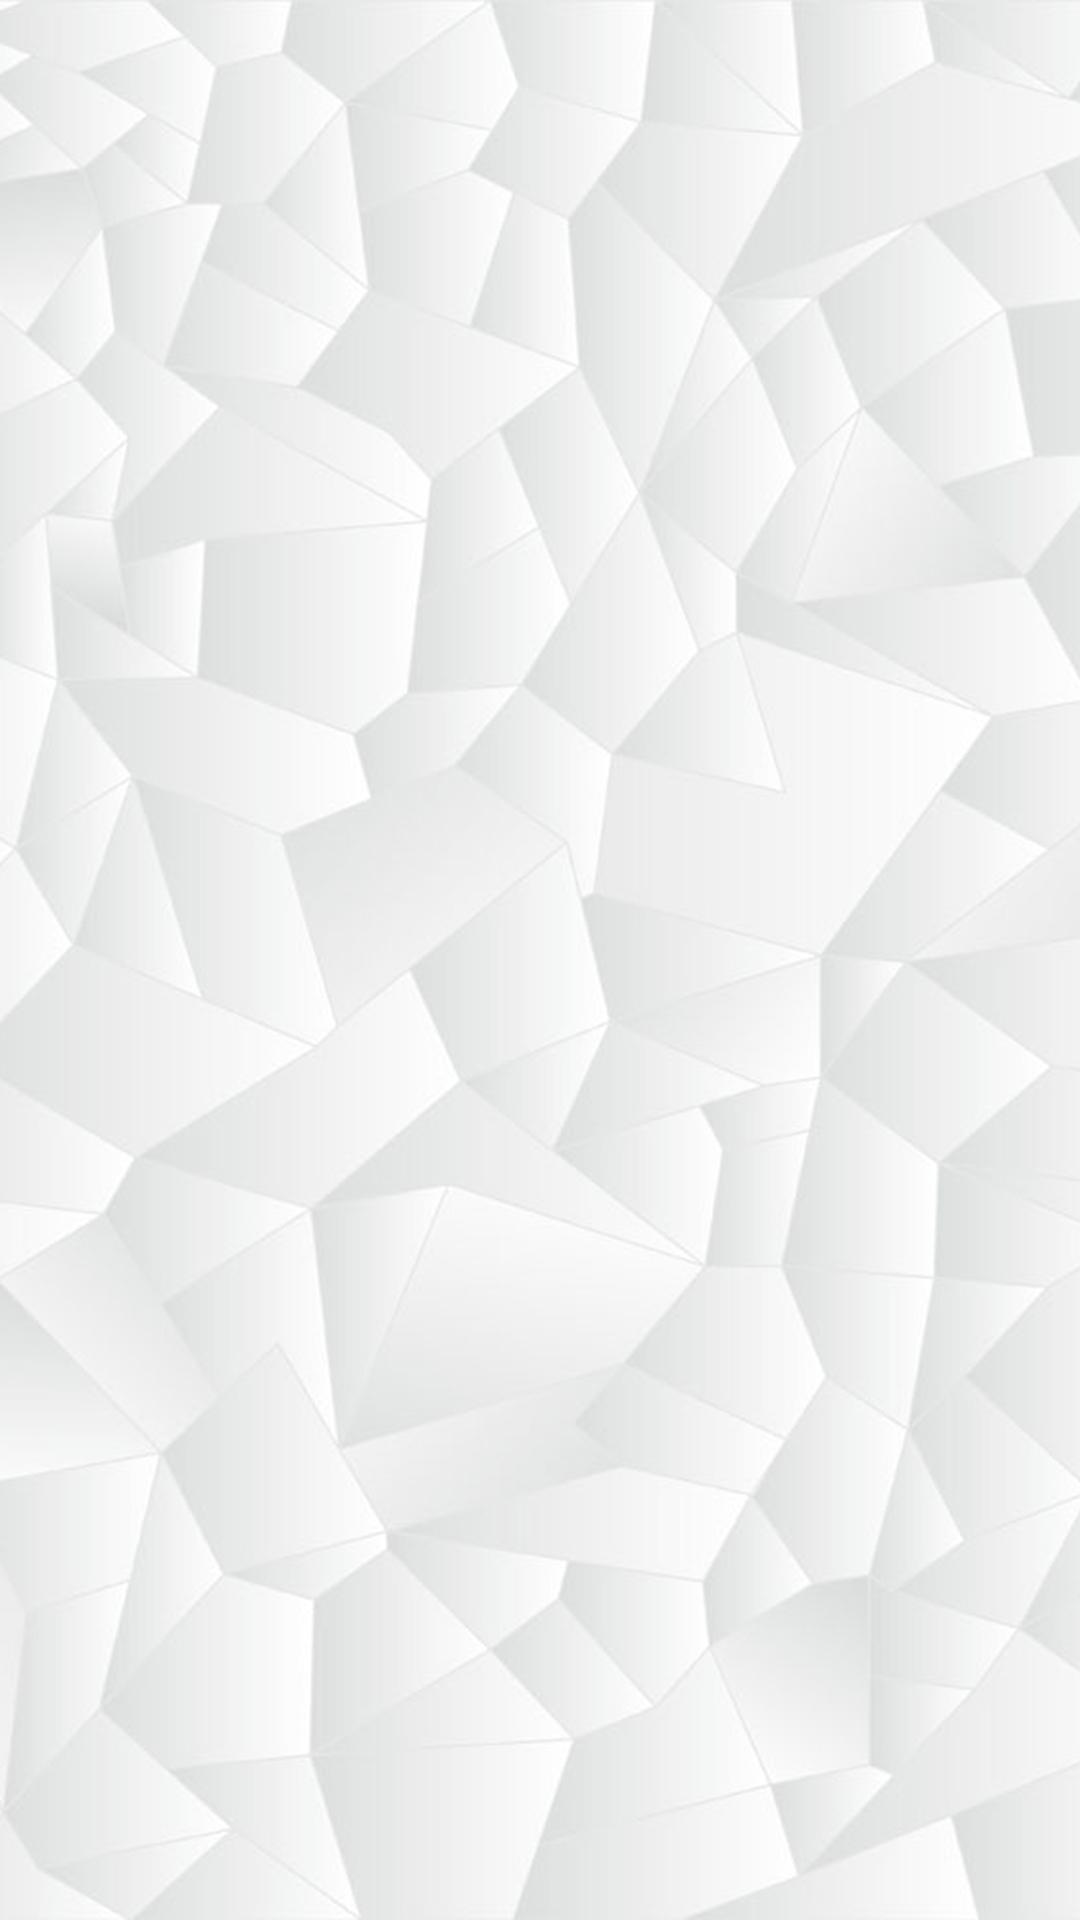 خلفية بيضاء ساده شاهد اجمل خلفيات بيضاء ساده قصة شوق